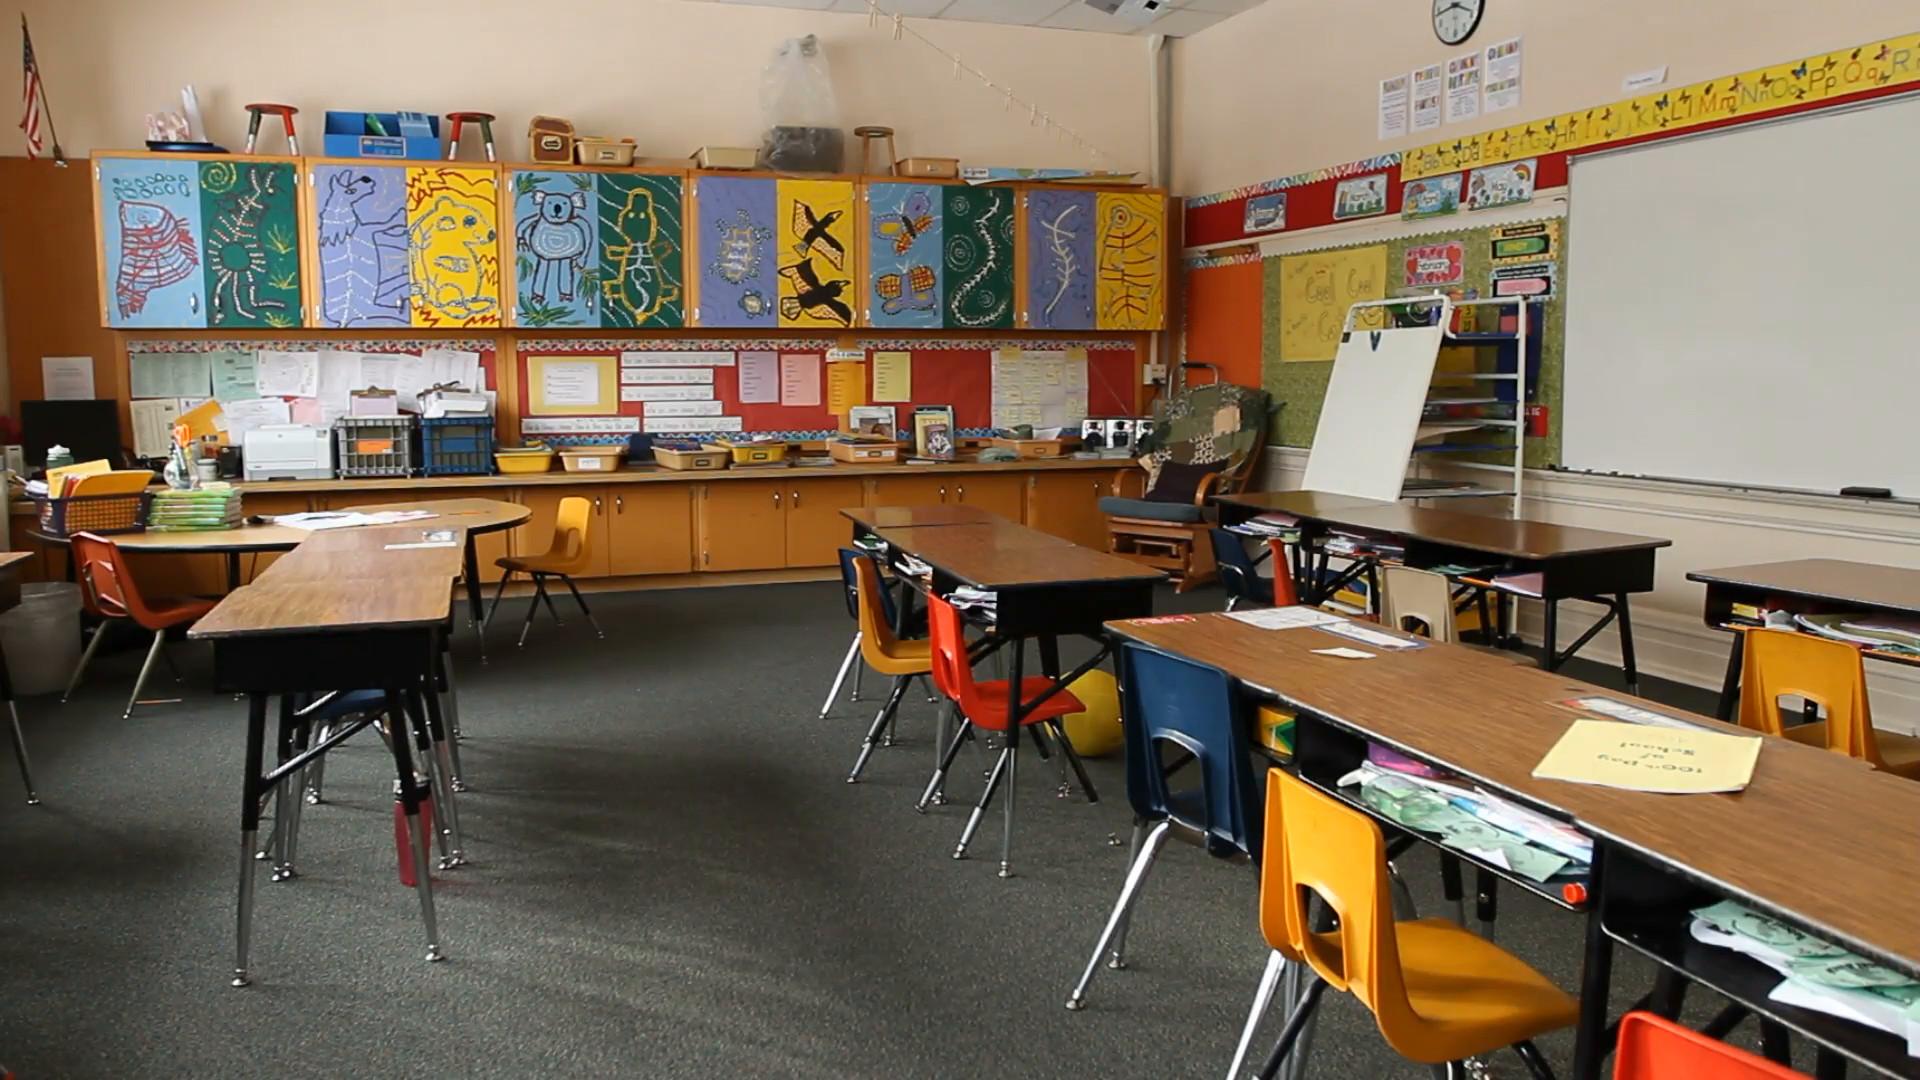 School Classroom Wallpaper 51 Images